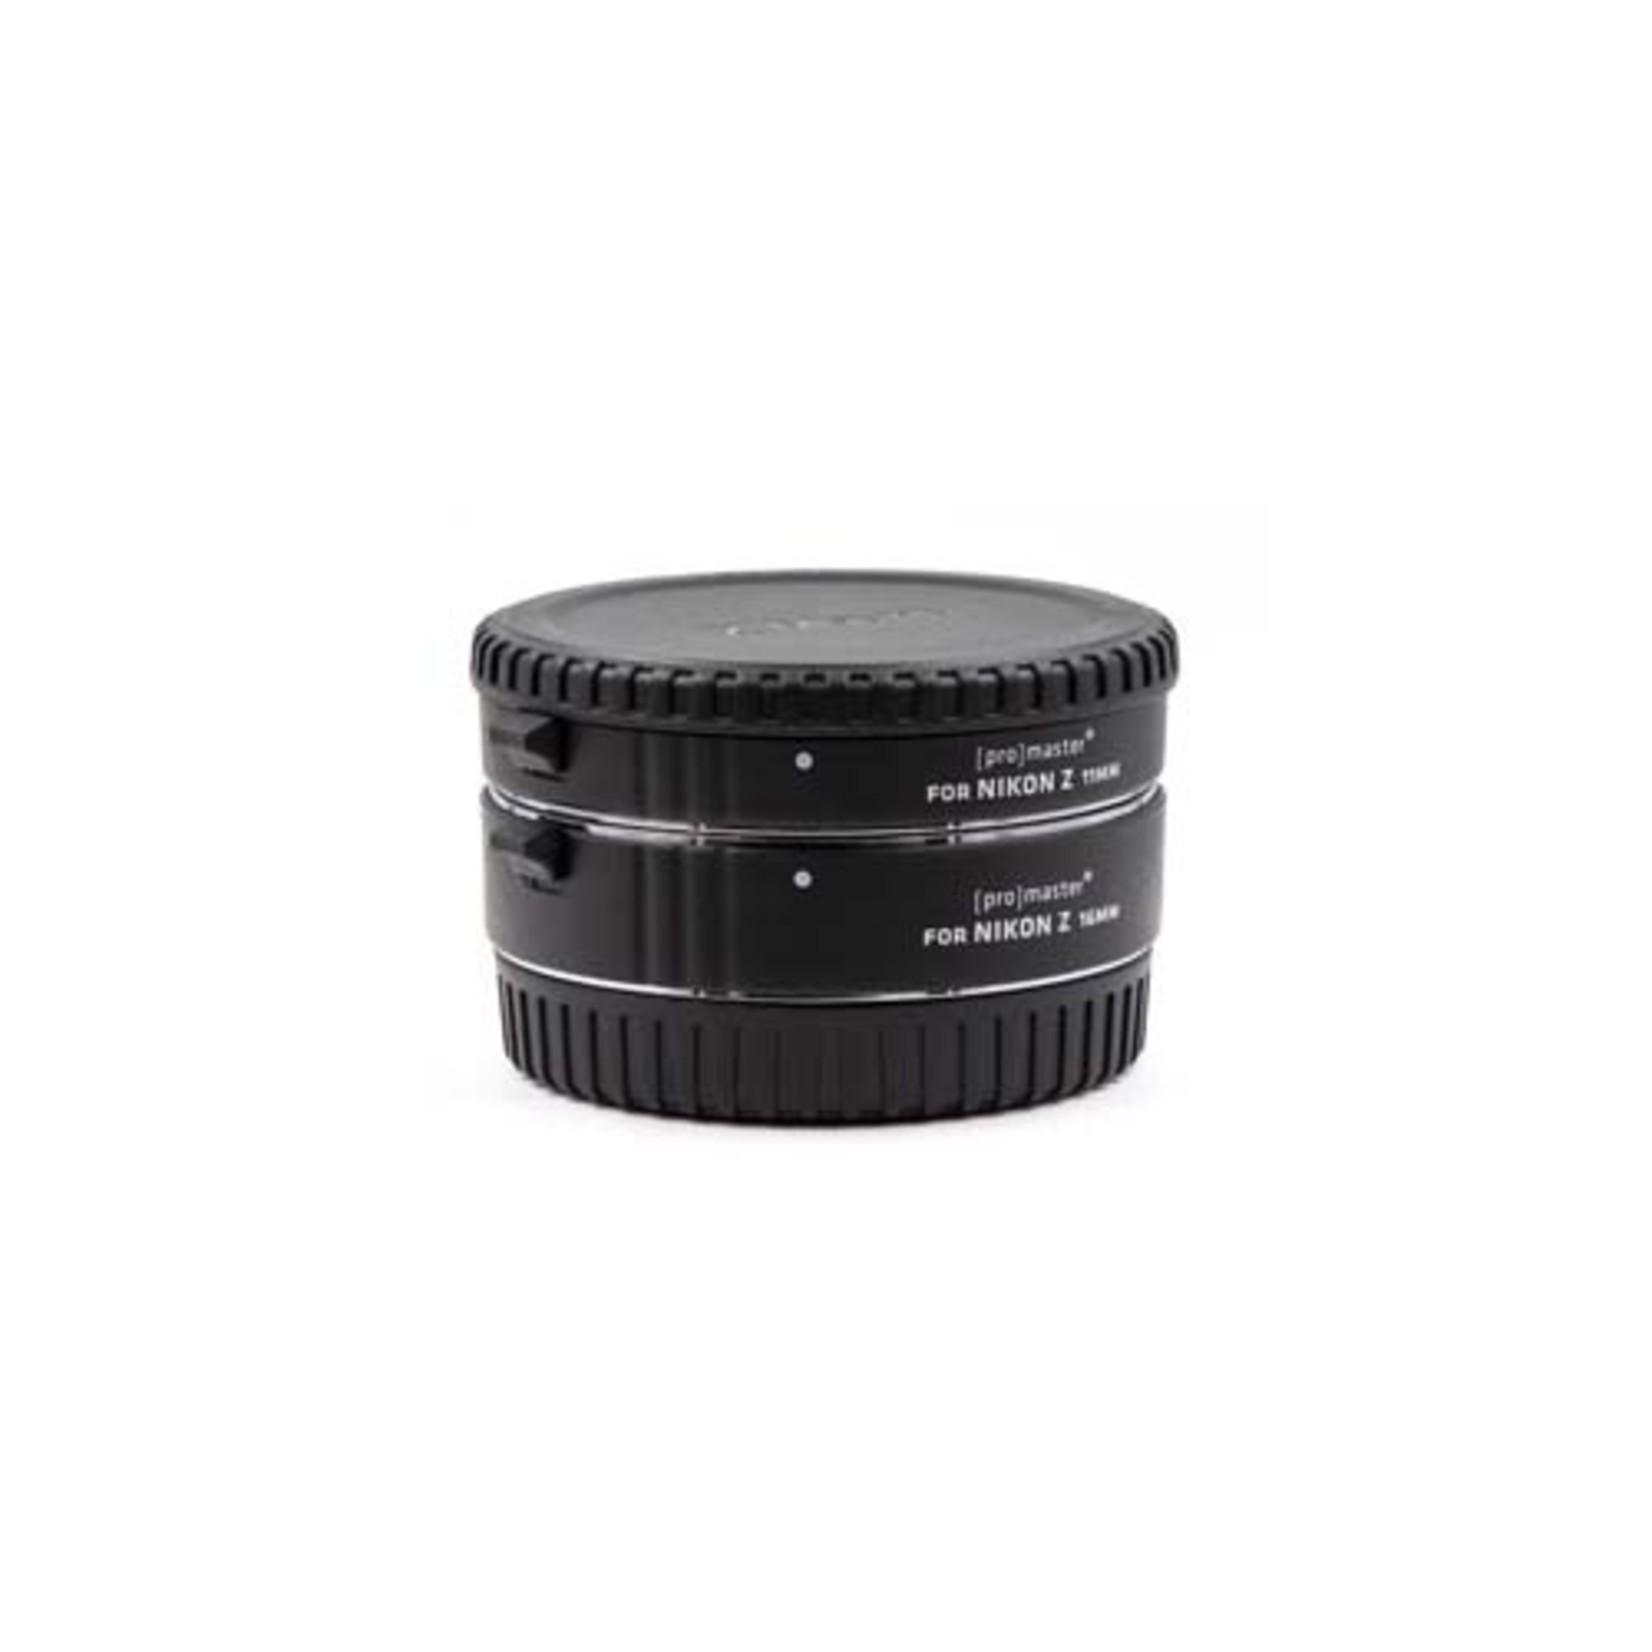 ProMaster Macro Extension Tube Set for Nikon Z